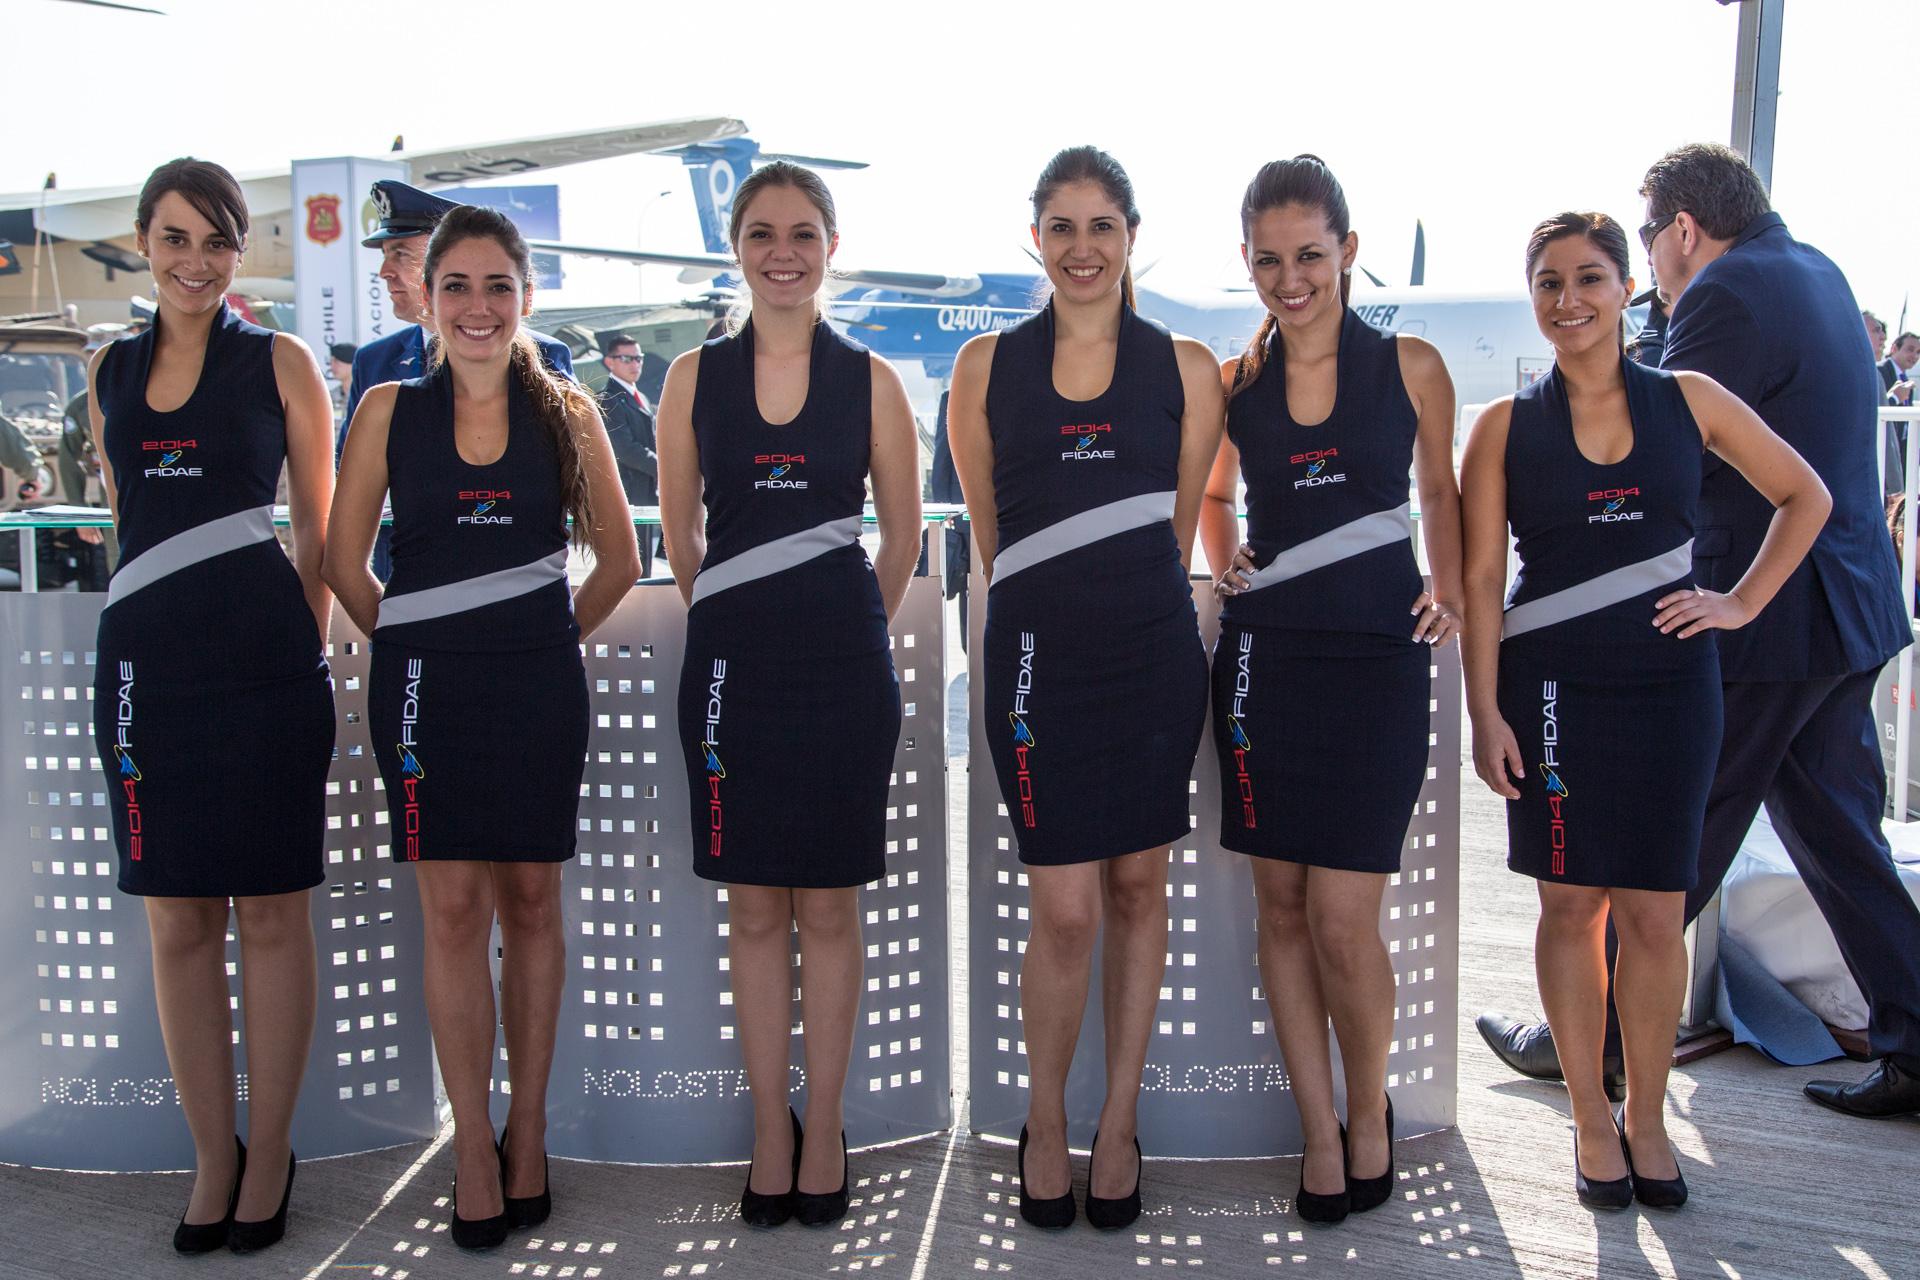 La hermosa tripulación de chicas en FIDAE 2014